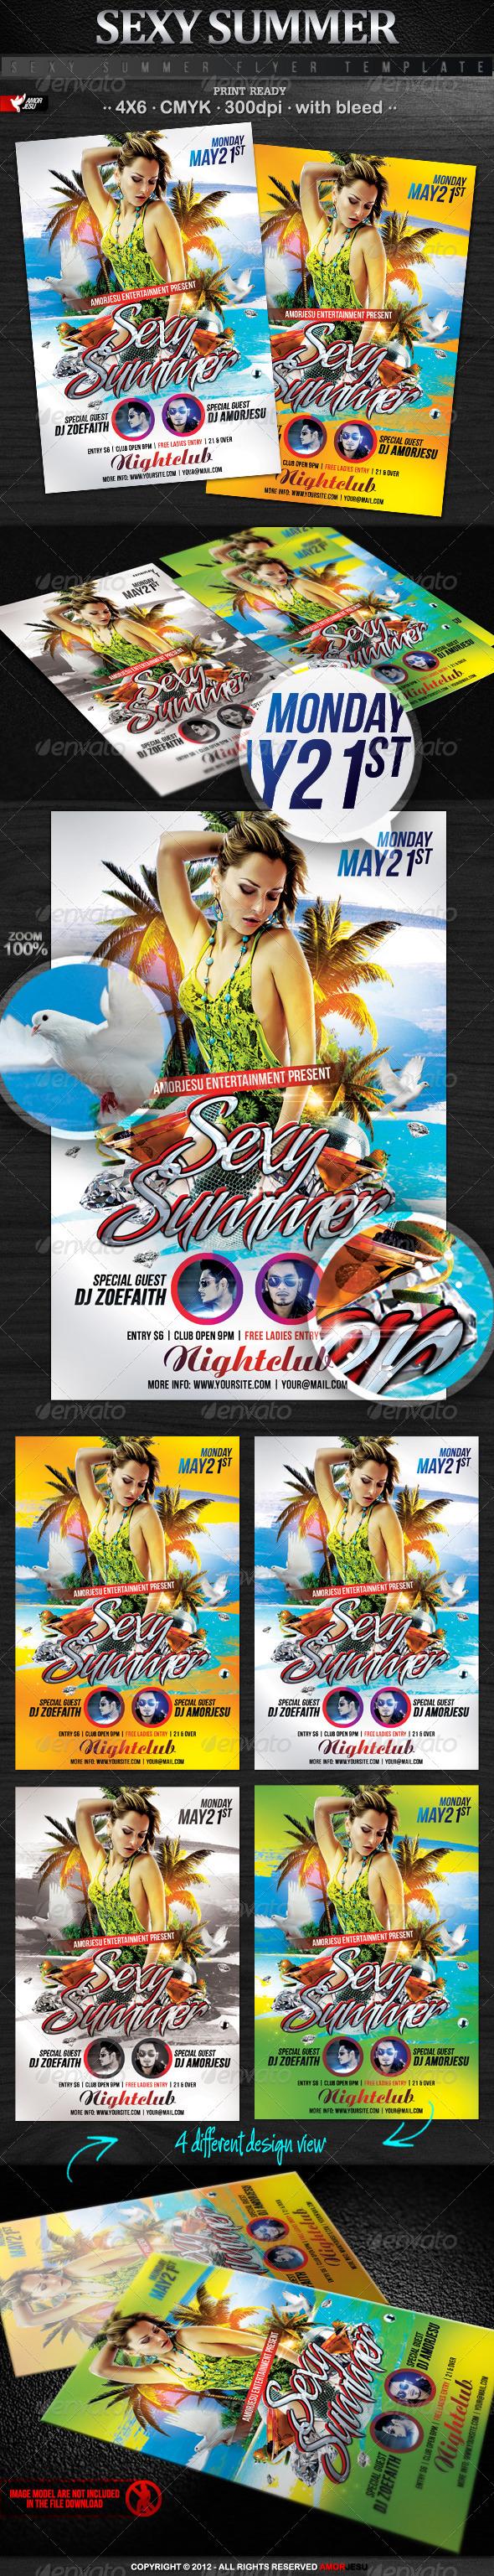 Flyers para Fiestas de Verano: Sexy Summer Flyer